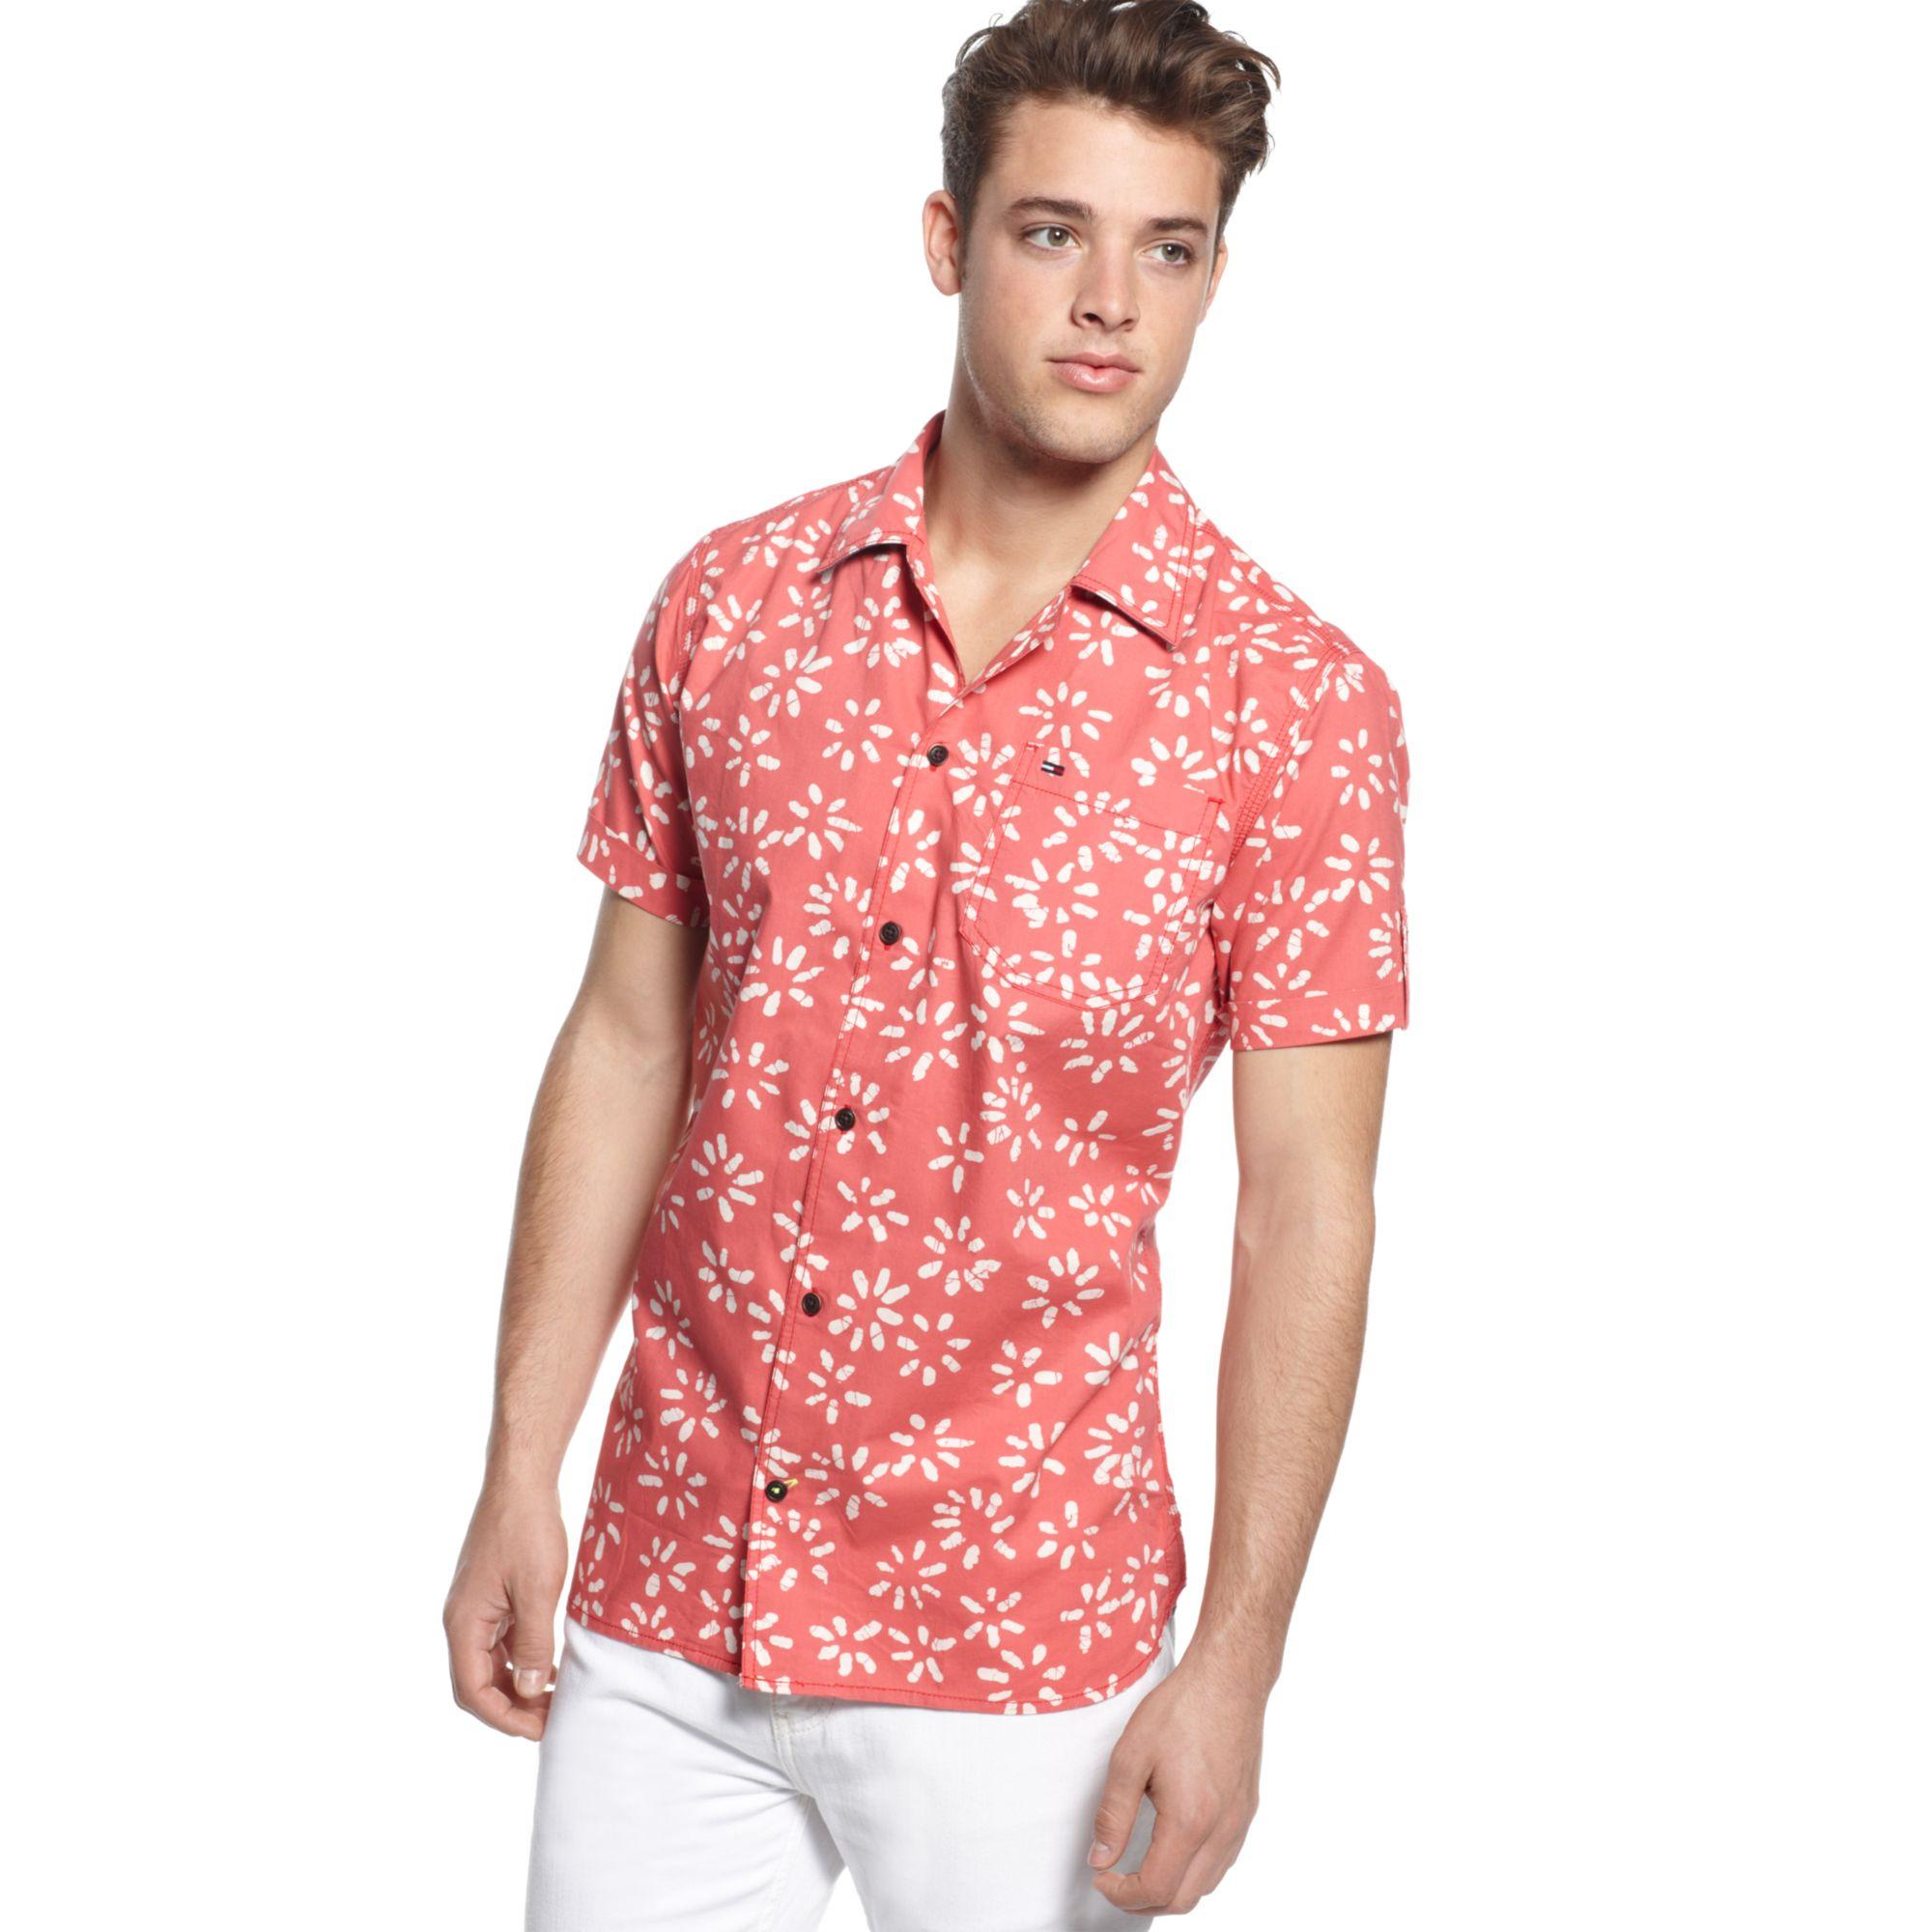 Tommy Hilfiger Seville Printed Shirt Hilfiger Denim